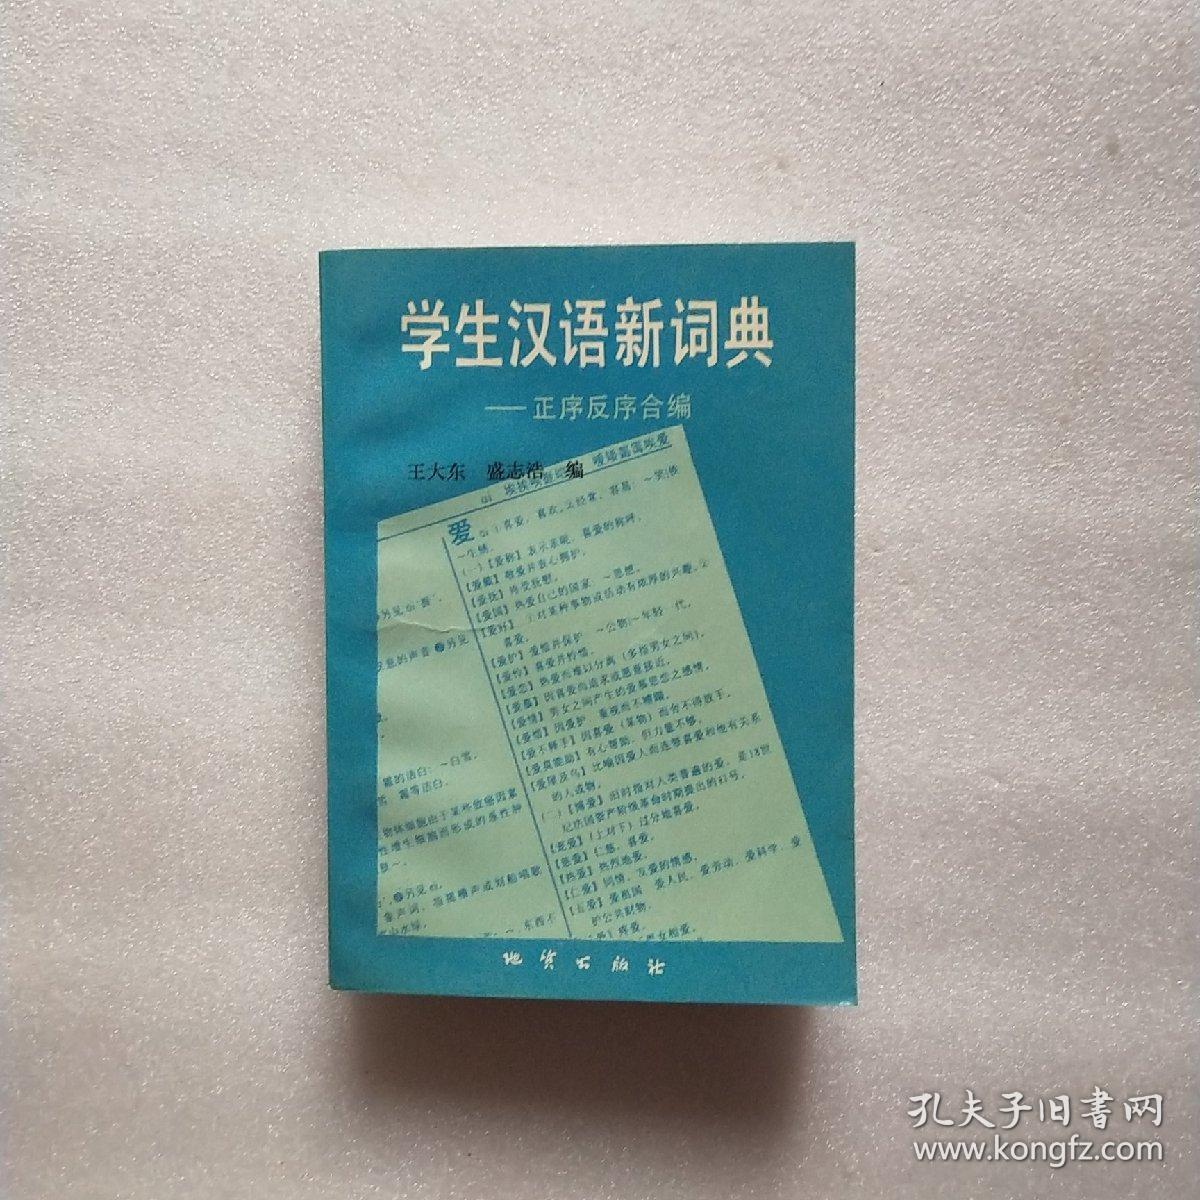 学生汉语新词典 正序反序合编